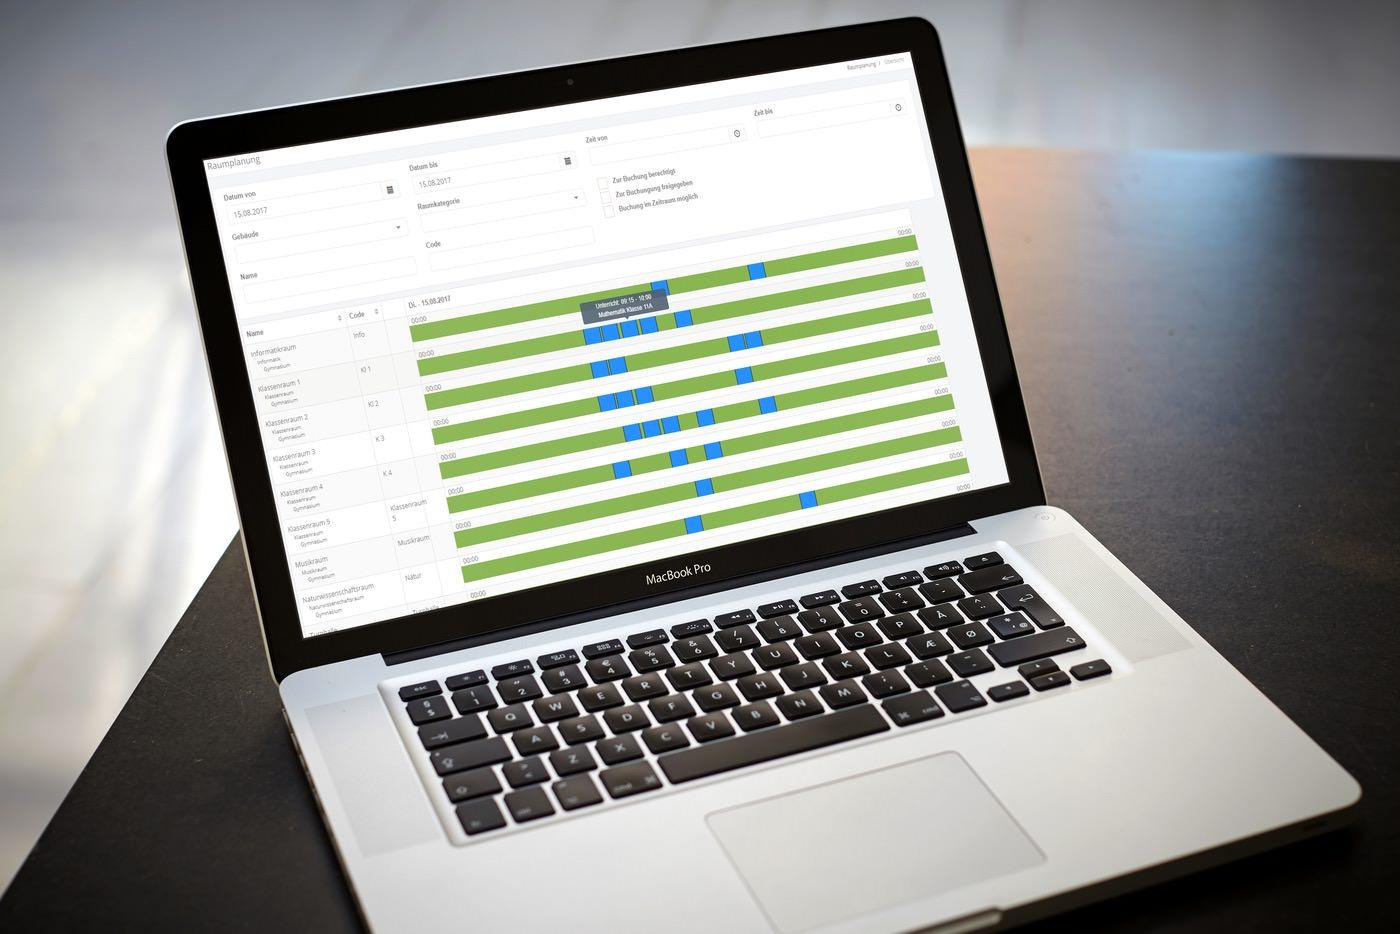 Laptop mit Schulverwaltungssoftware zur Computer-gestützten Raumplanung in Schulen